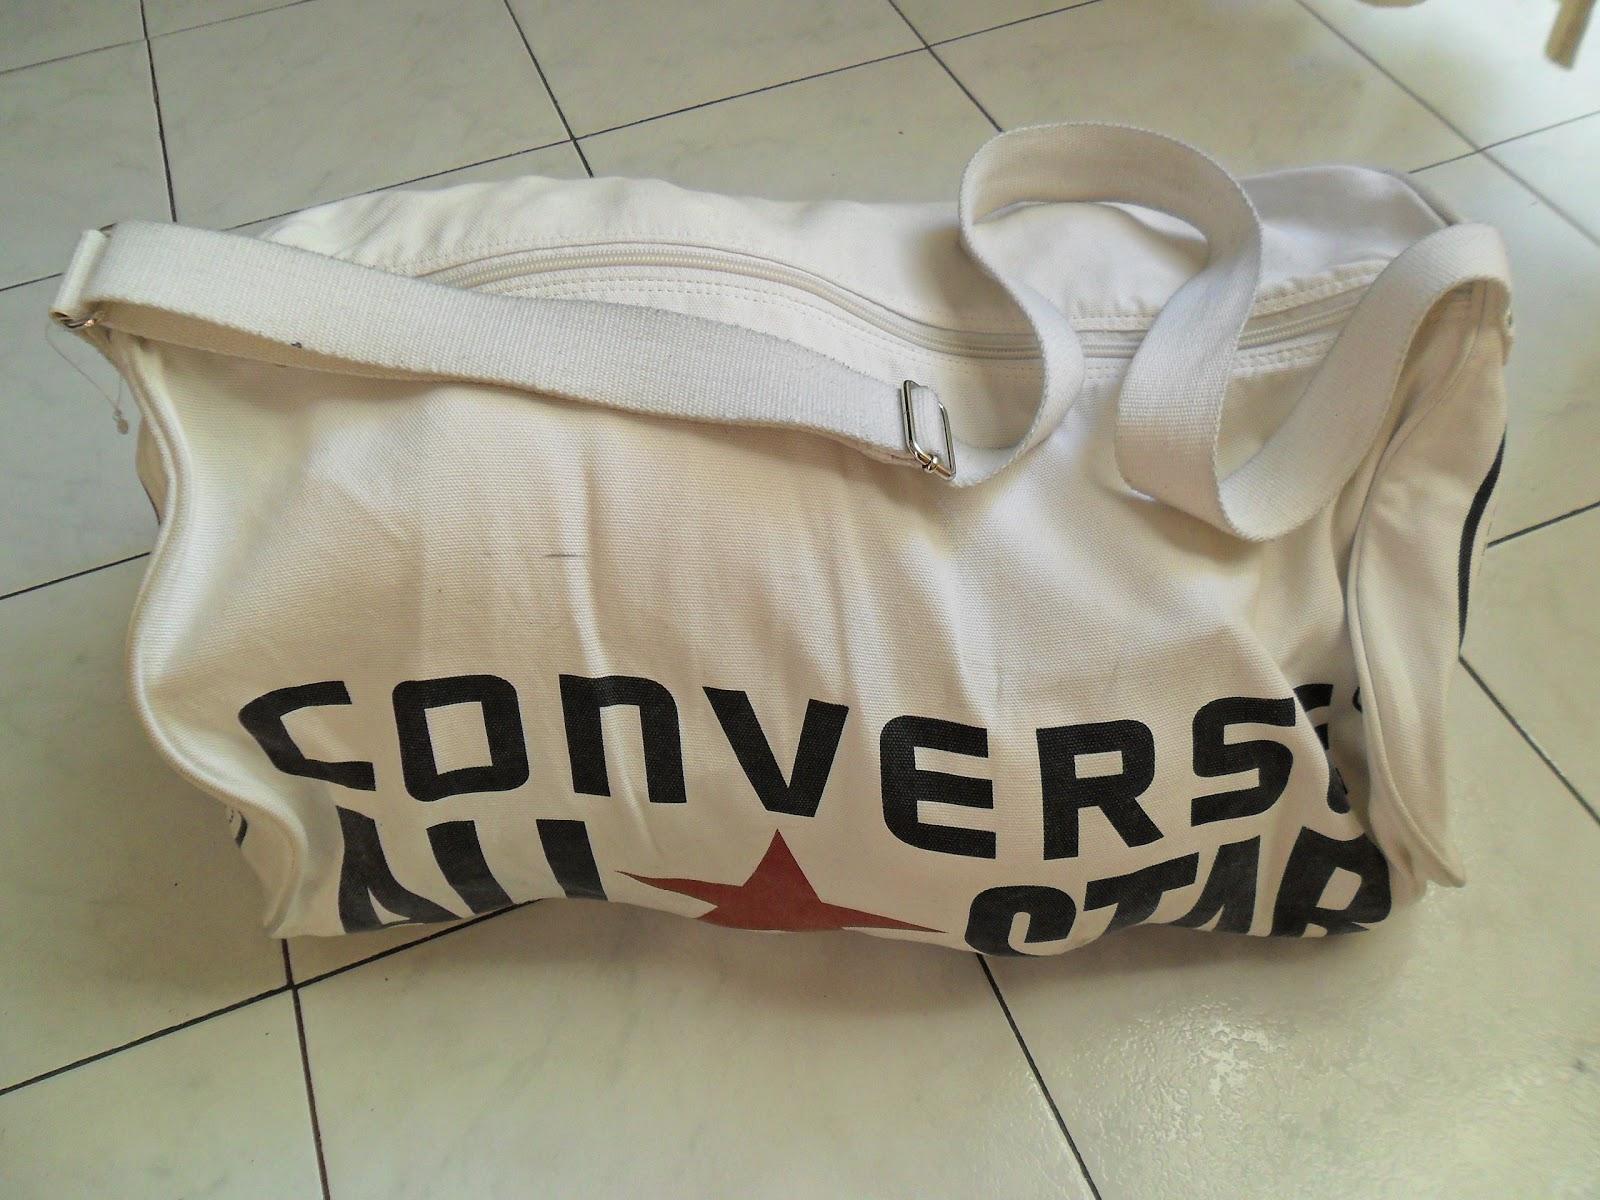 borsoni converse